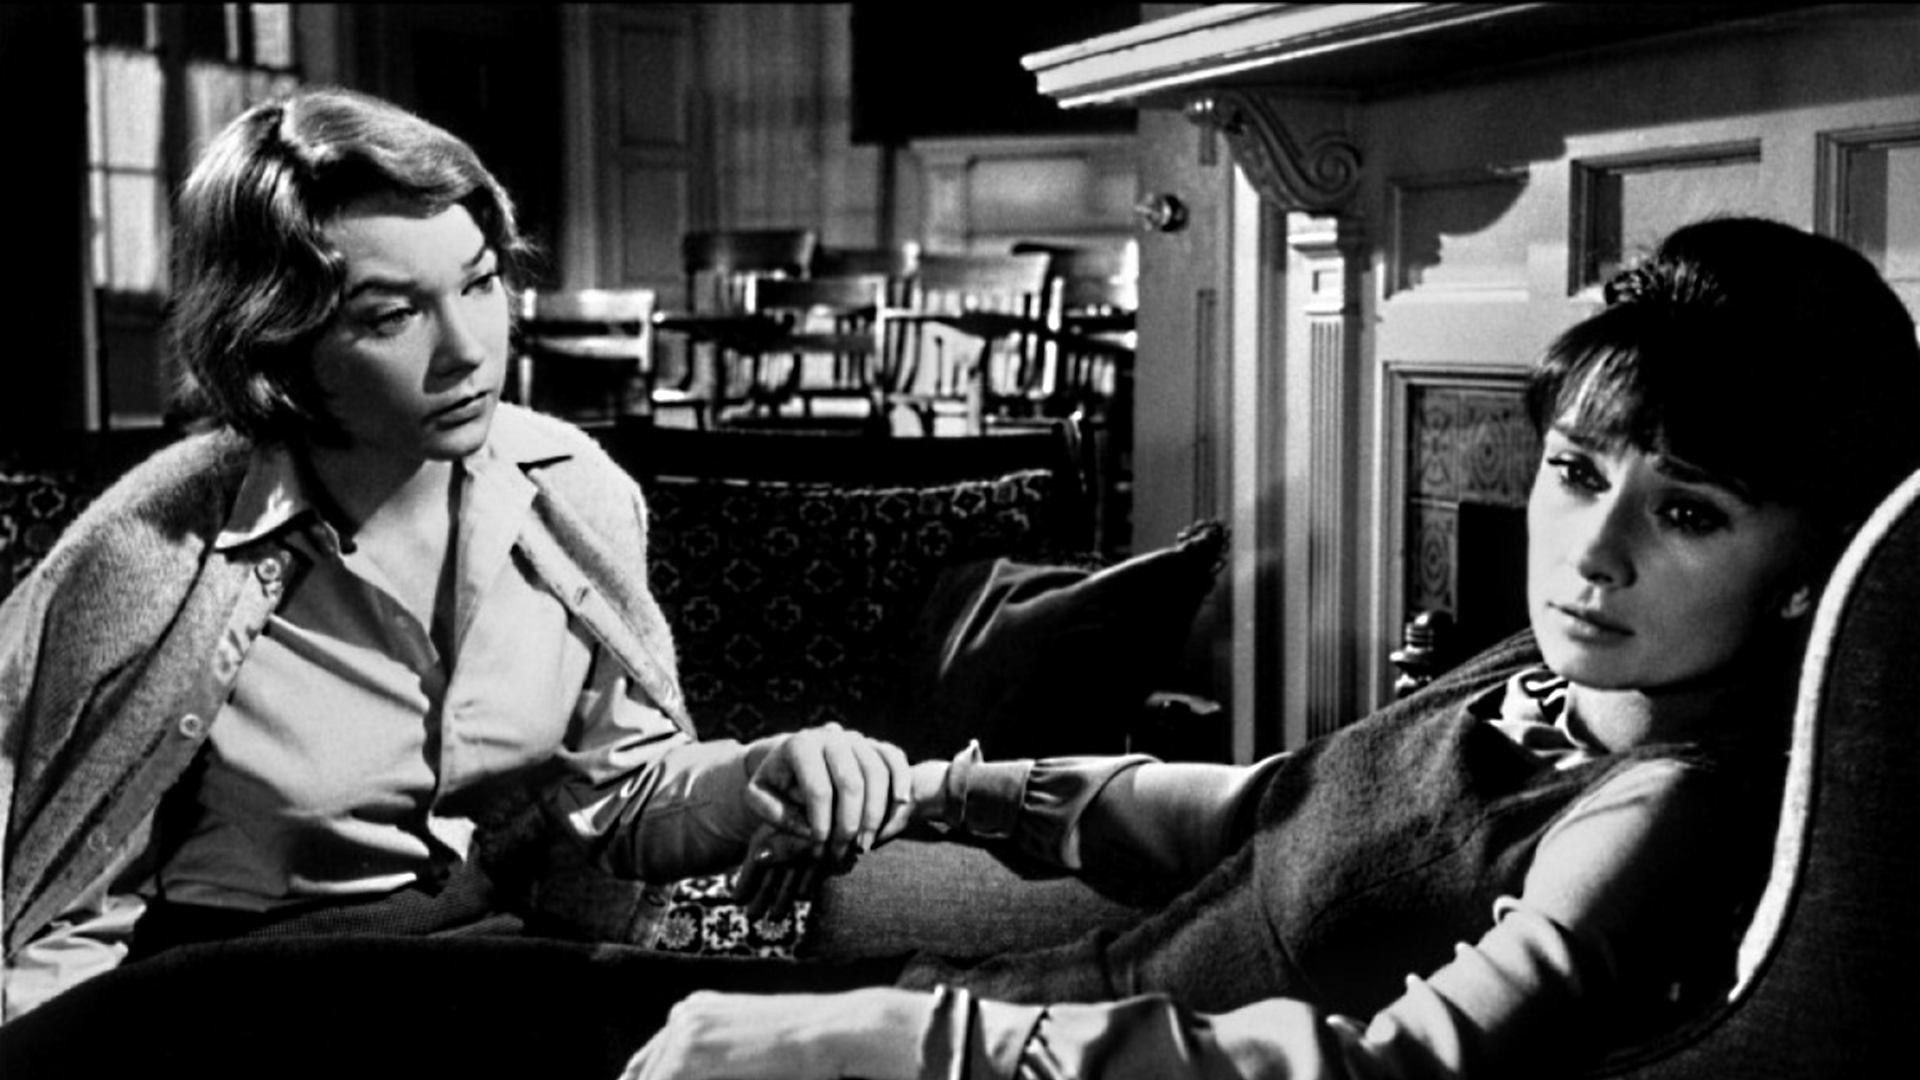 """.: Com Audrey Hepburn e Shirley McLaine, clássico """"Infâmia"""" discute intolerância no """"Cine Comunidade"""", em Santos #AudreyHepburn #ShirleyMcLaine #Infâmia #intolerância #CineComunidade #Santos #Resenhando #SiteResenhando"""